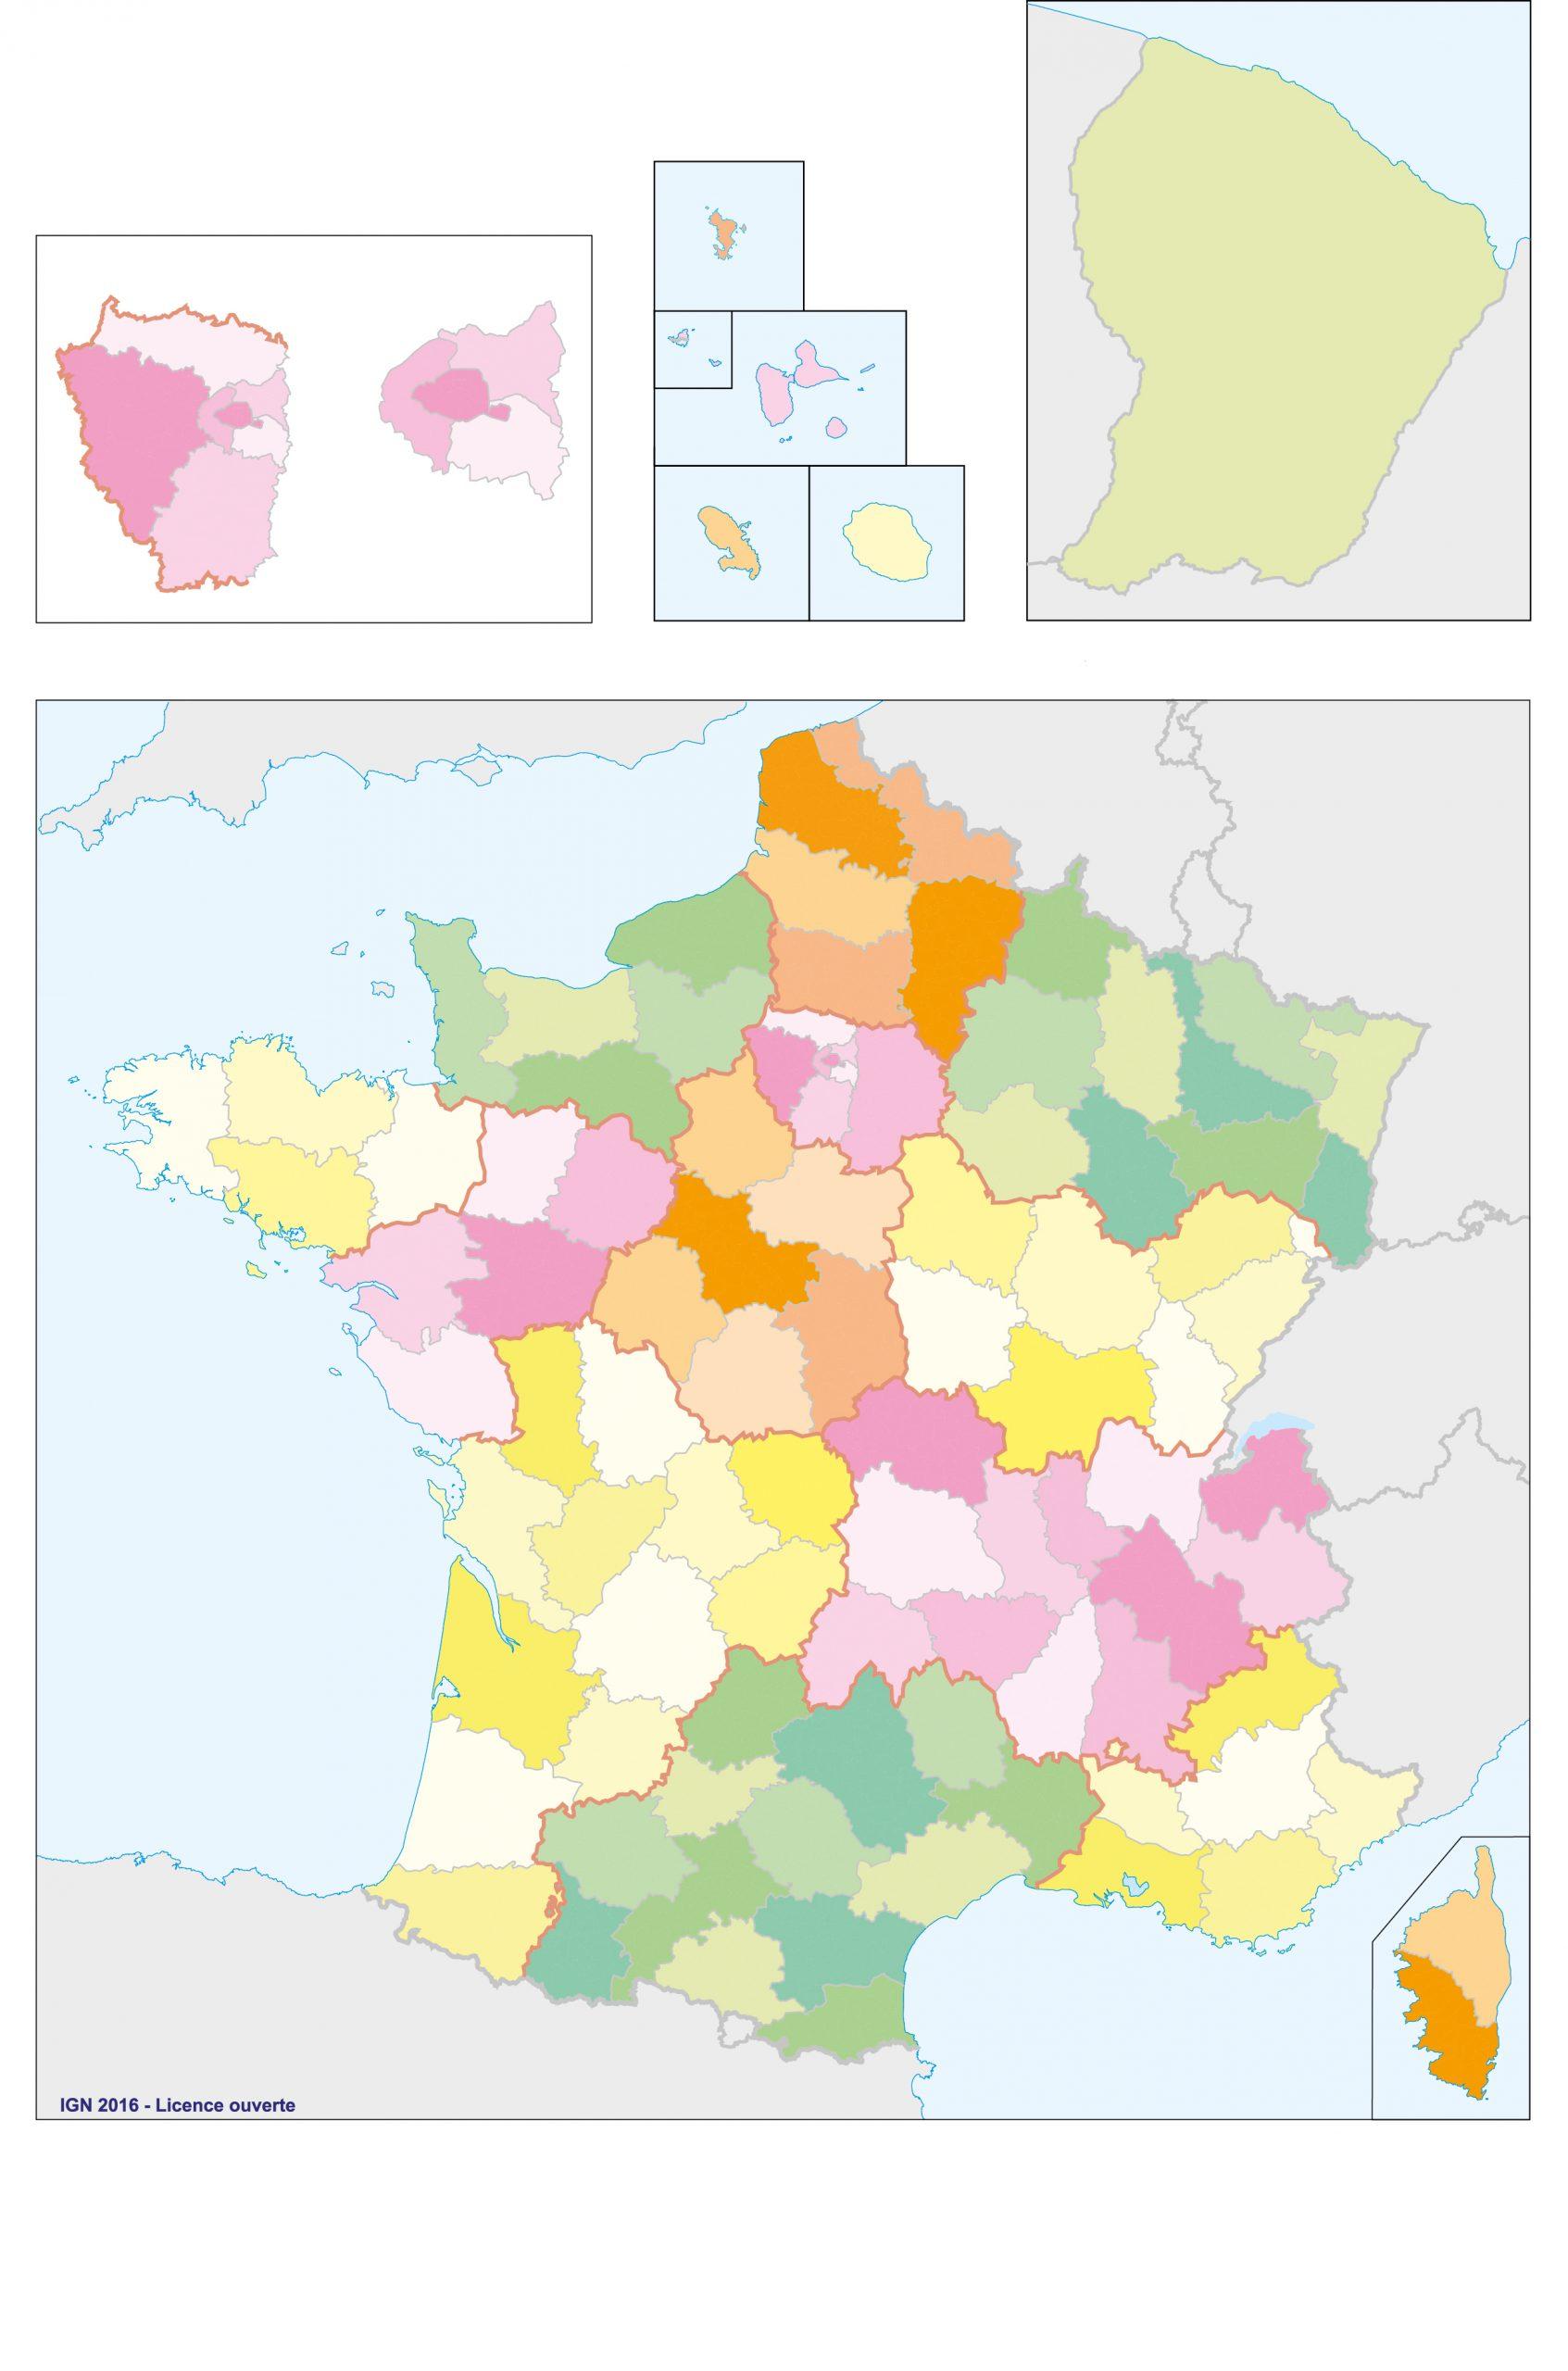 Fonds De Cartes   Éducation intérieur Carte Des Régions De France À Imprimer Gratuitement